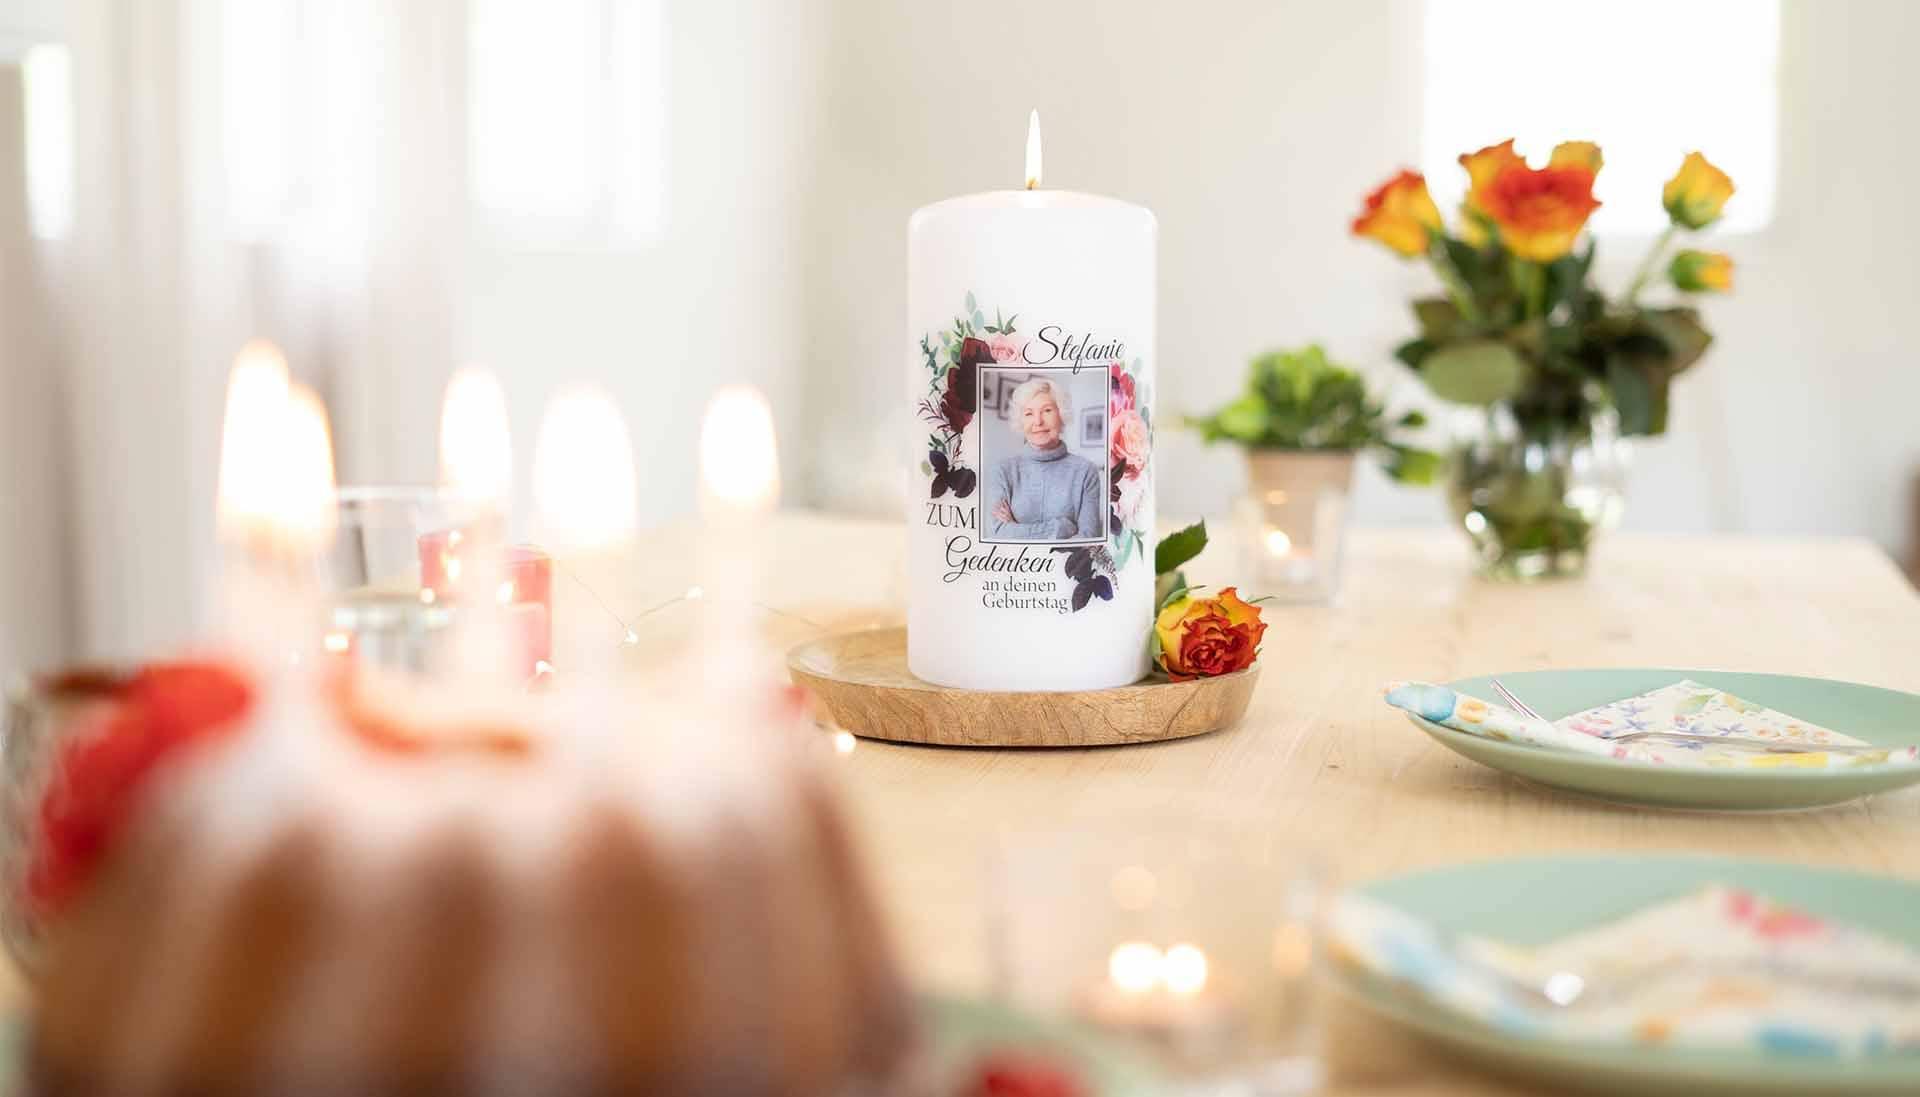 individuelle Gedenkkerze zum Gedenken am Geburtstag auf einem gedeckten Holztisch